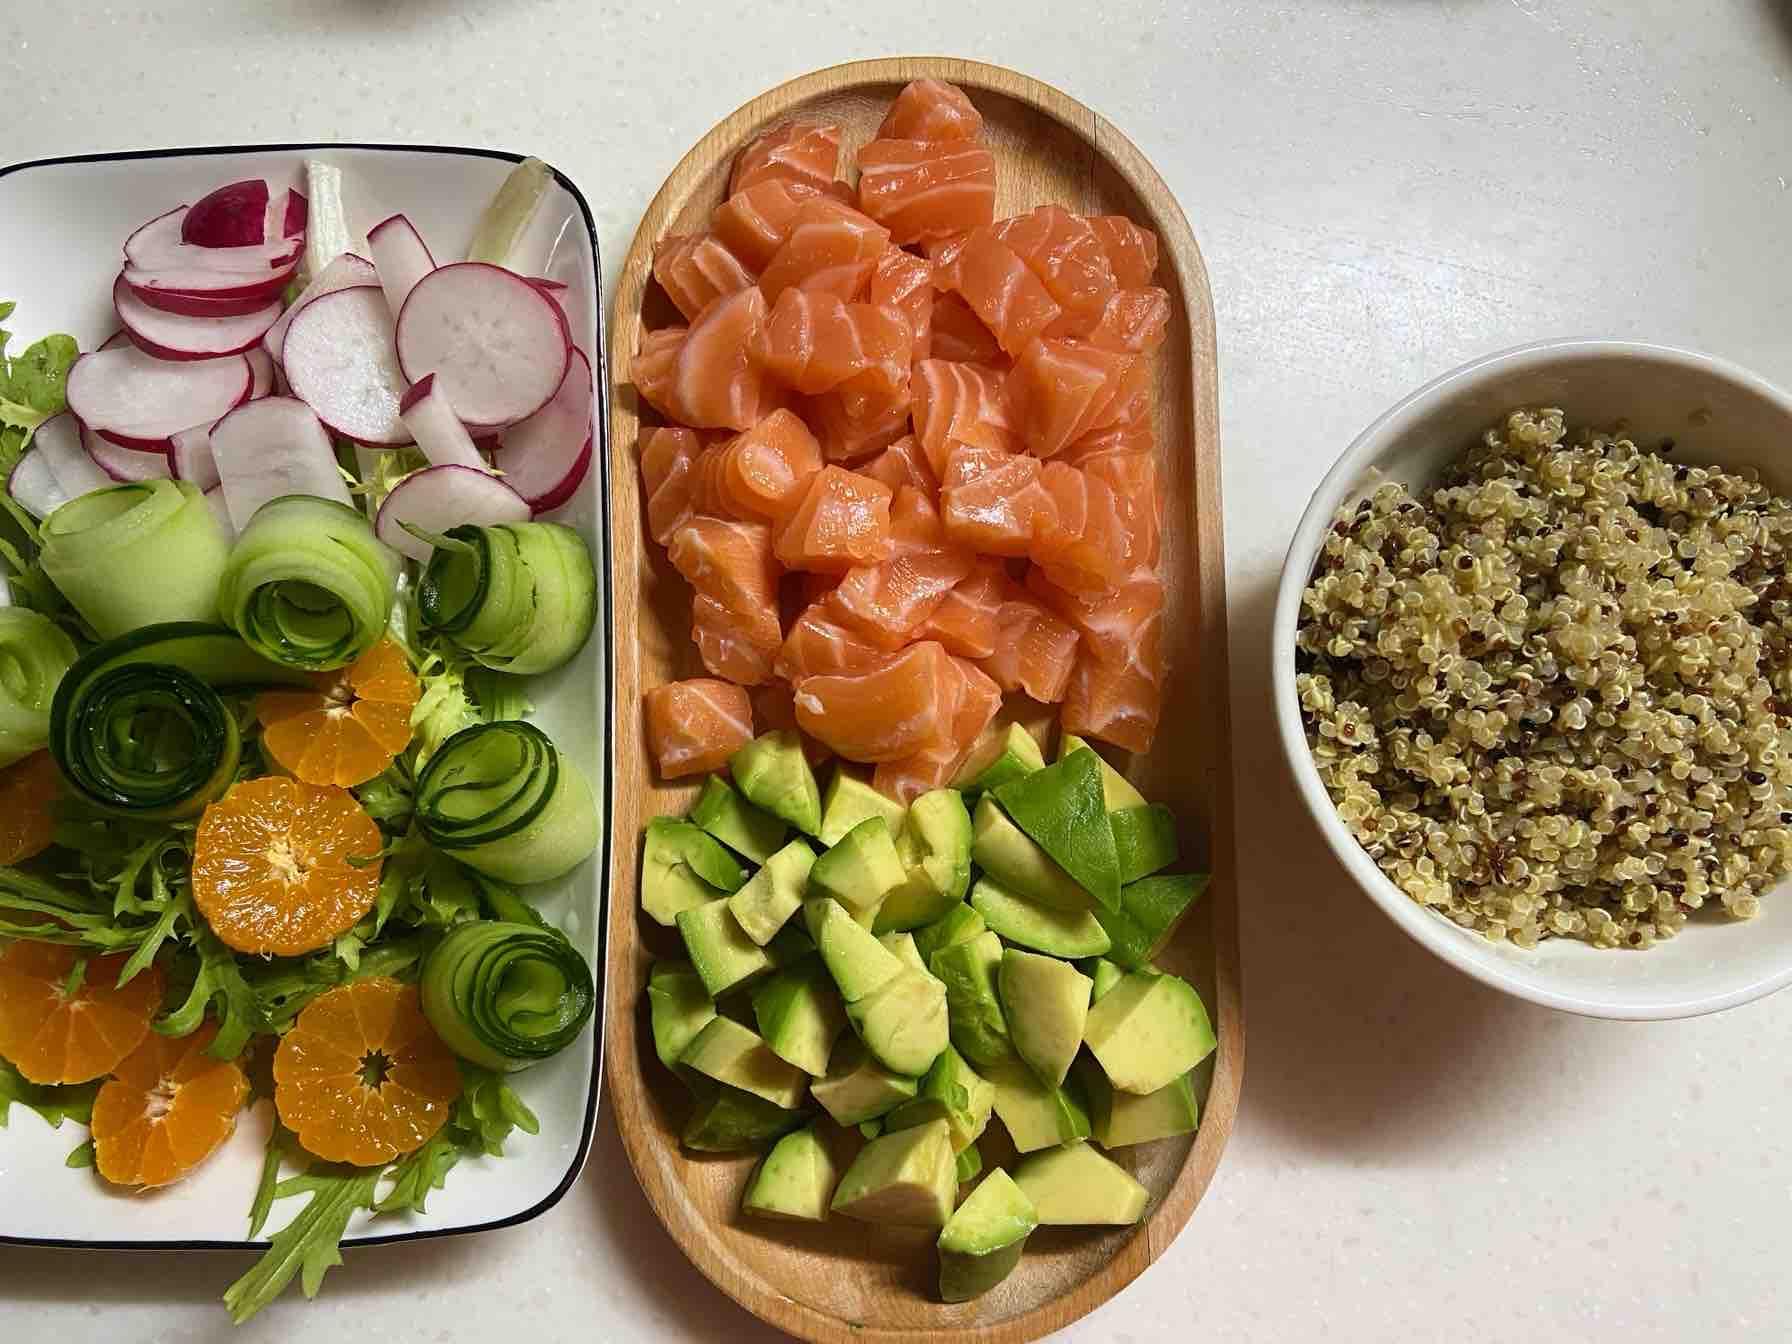 三文鱼沙拉便当的简单做法